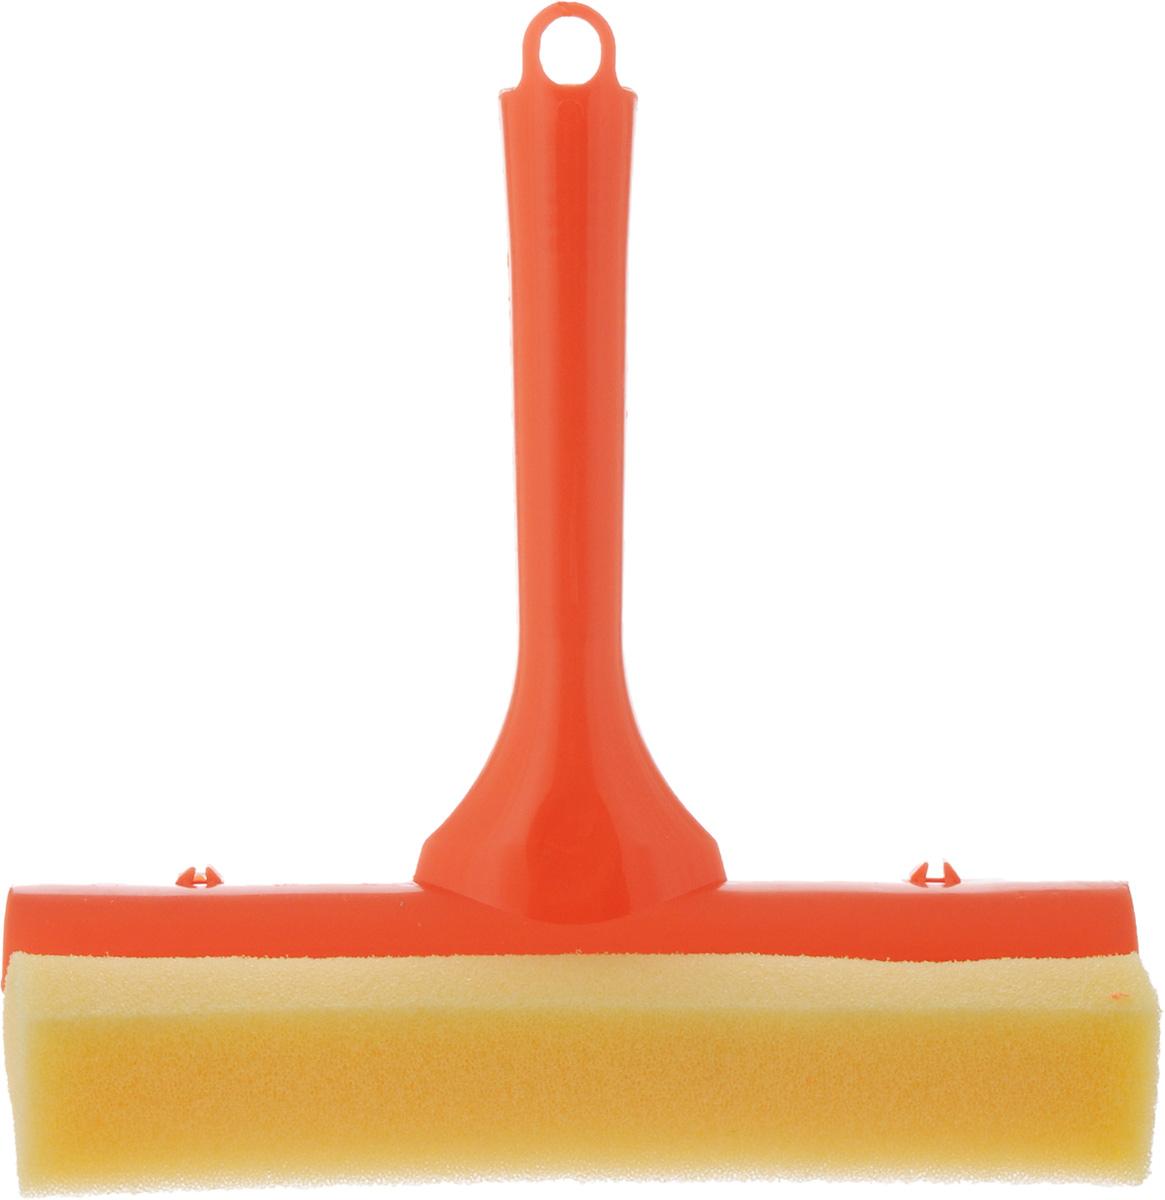 Стеклоочиститель York, с водосгоном, цвет: оранжевый, 19,5 смSVC-300Стеклоочиститель York, выполненный изсложных полимеров, поролона и резины, станетнезаменимым помощником при уборке. Онстирает жидкость со стекла благодаря мягкойгубке, а для полного вытирания имеетсярезиновый водосгон. С помощью регулируемоголезвия стеклоочистителя можно подобратьнеобходимую длину. Длина ручки: 16 см.Ширина рабочей поверхности: 19,5 см.